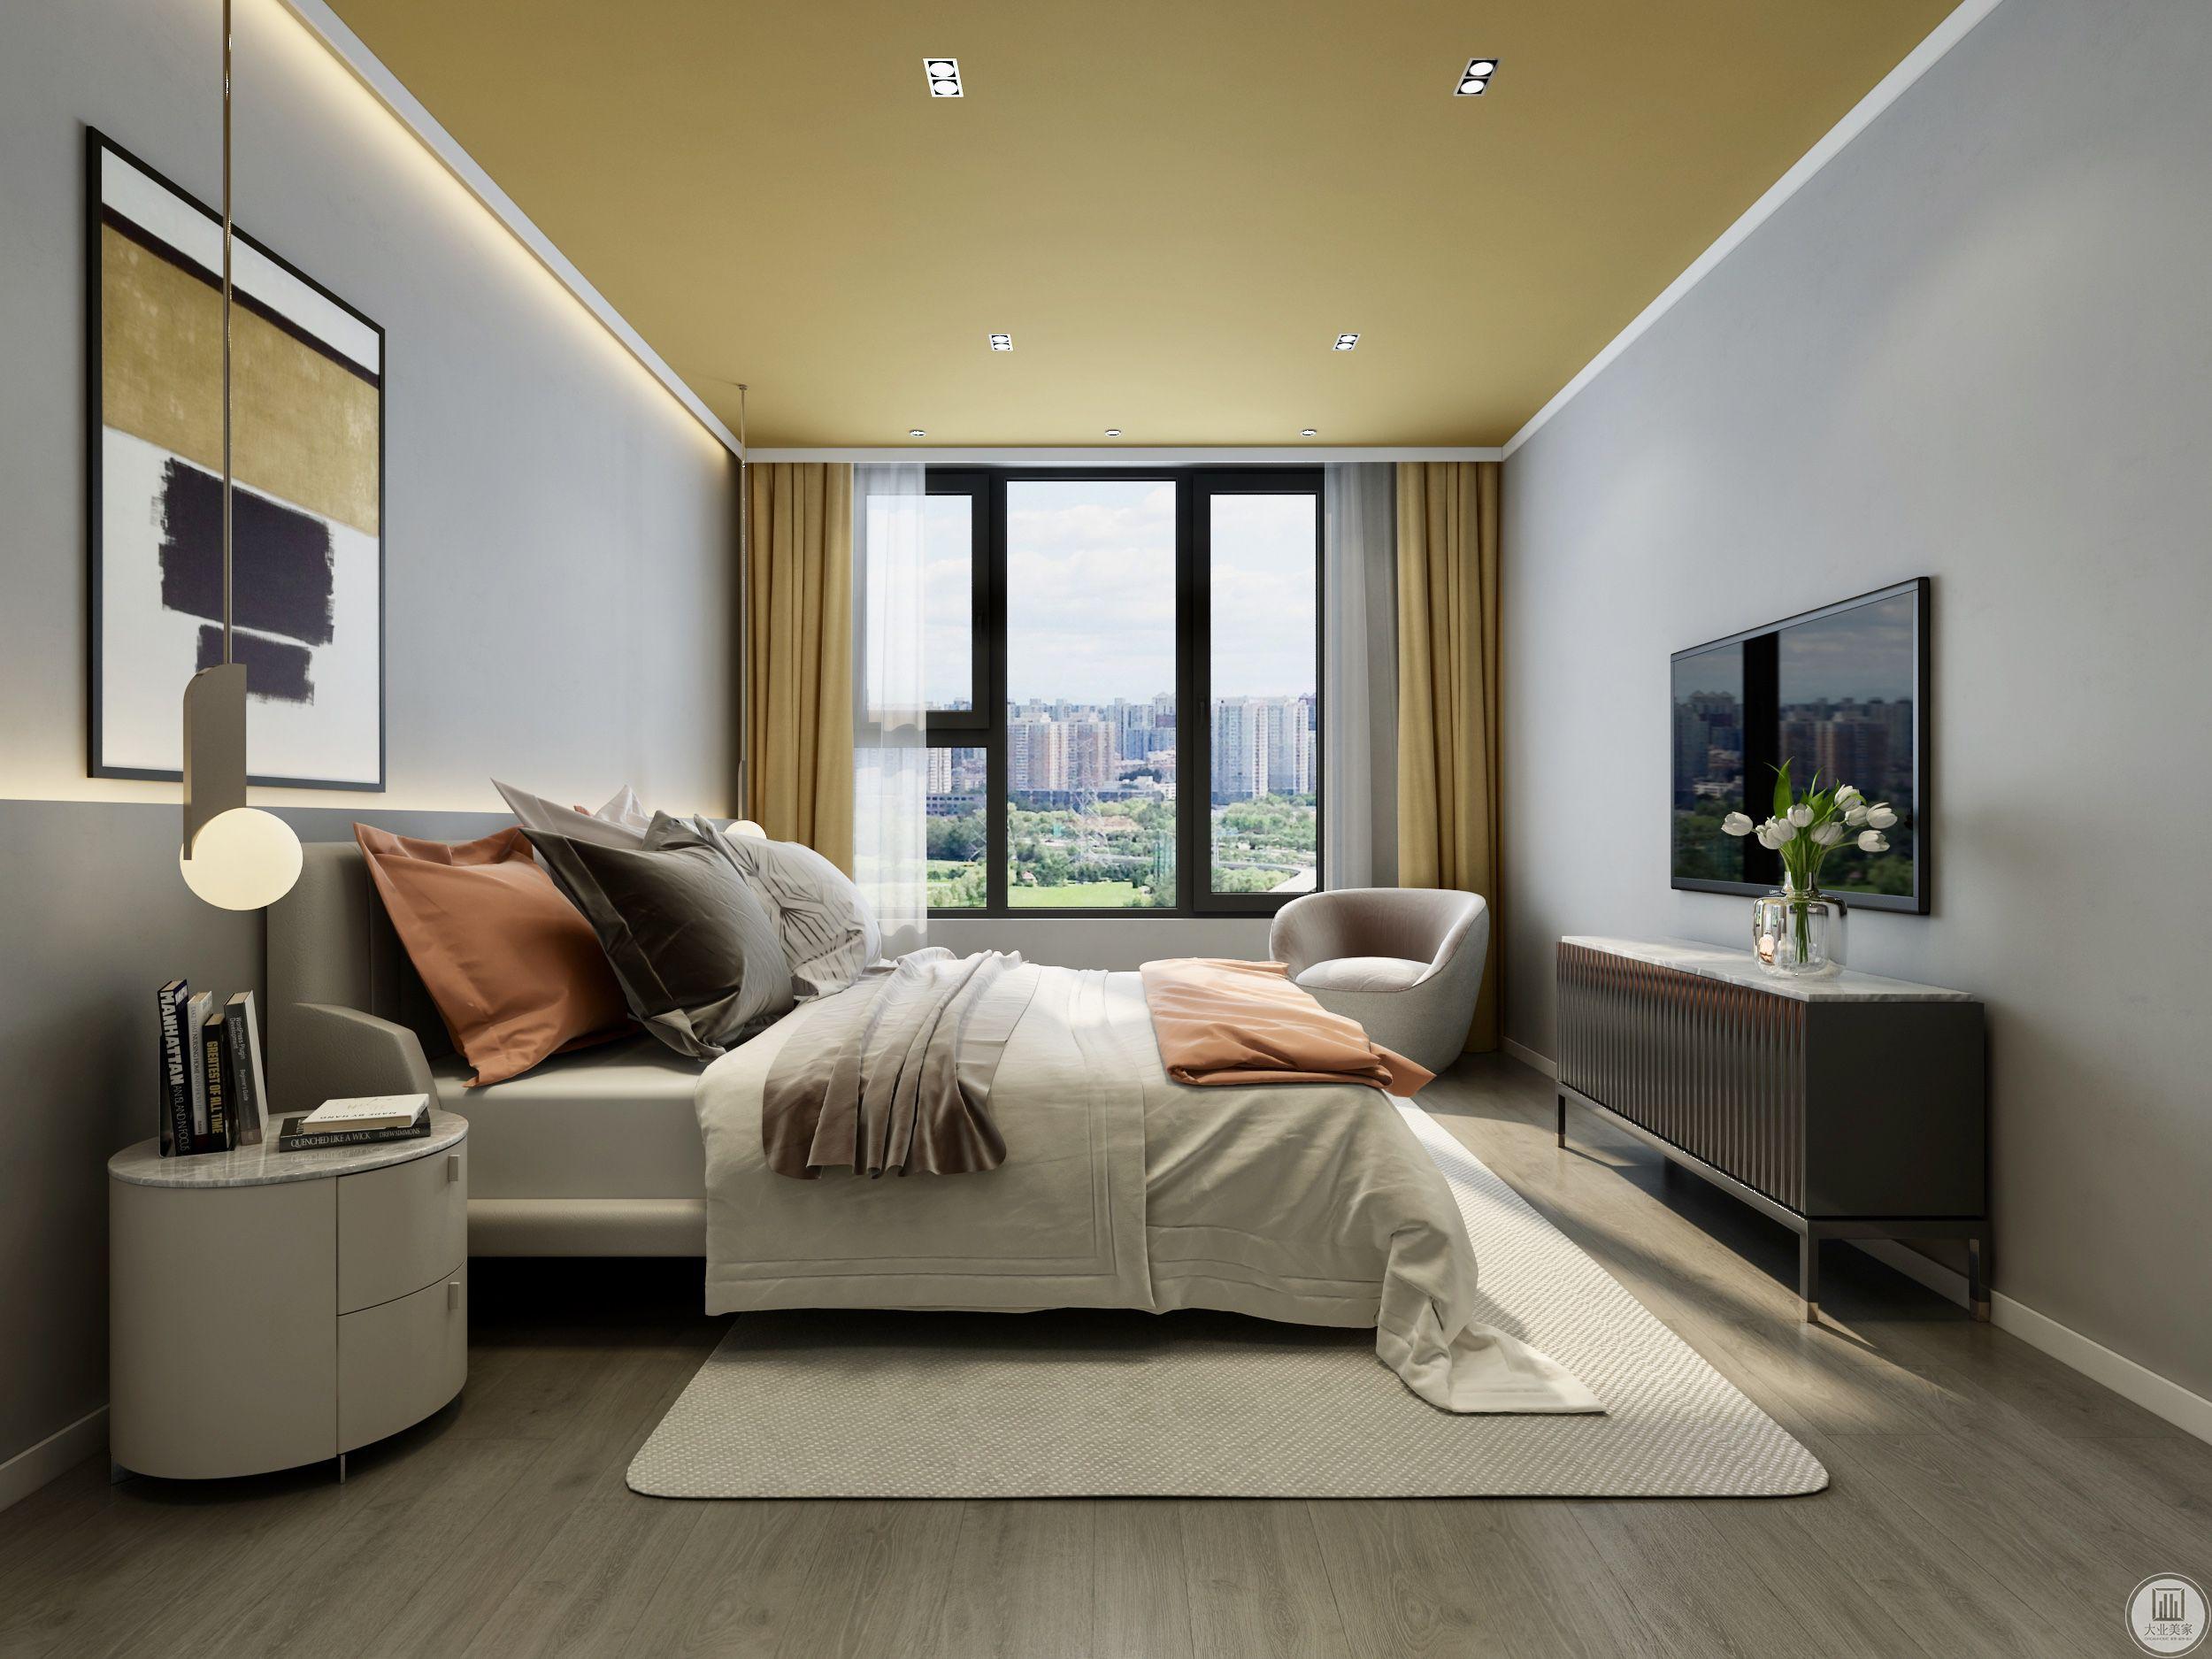 卧室姜黄色的应用,使居住空间温暖浪漫。